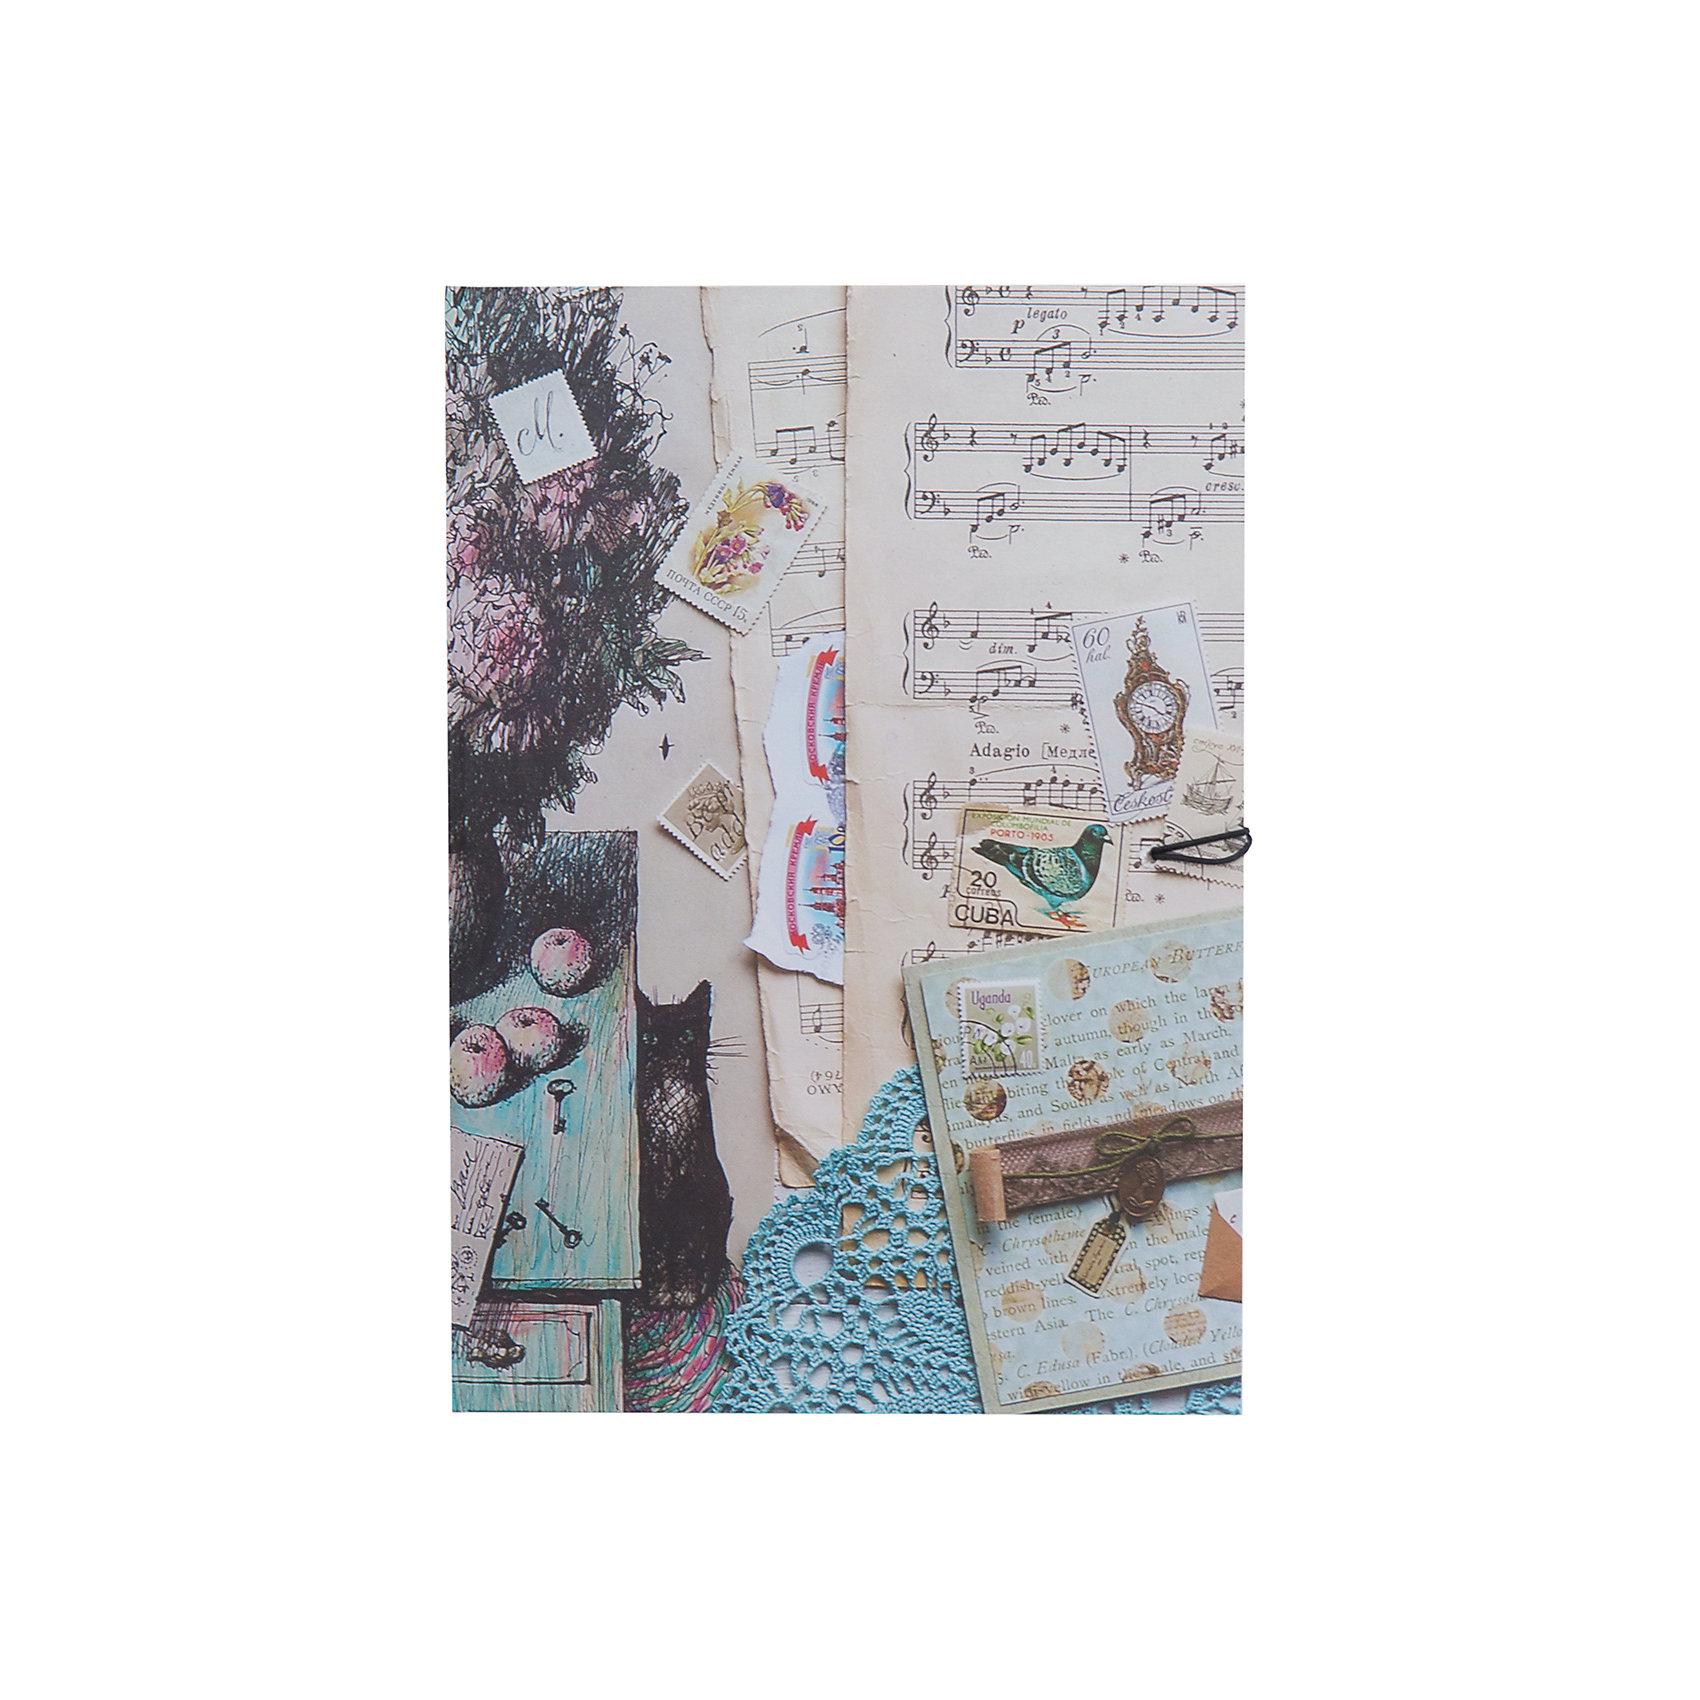 Коробка подарочная МИЛЫЕ ВЕЩИЦЫ M, 20х14х6, Феникс-ПрезентПредметы интерьера<br>Подарочная коробка Милые вещицы M, 20х14х6, Феникс-Презент.<br><br>Характеристика:<br><br>• Материал: картон (мелованный, ламинированный).<br>• Плотность картона: 1100 г/м2. <br>• Размер: 20х14х6 см. <br>• Яркий привлекательный дизайн. <br>• Рисунок на внутренней и наружной части. <br><br>Оригинально оформленная коробка-шкатулка станет прекрасным дополнение к основному подарку или же отличным сувениром на любой праздник. <br><br>Подарочную коробку Милые вещицы M, 20х14х6, Феникс-Презент, можно купить в нашем интернет-магазине.<br><br>Ширина мм: 200<br>Глубина мм: 140<br>Высота мм: 60<br>Вес г: 178<br>Возраст от месяцев: 12<br>Возраст до месяцев: 1188<br>Пол: Унисекс<br>Возраст: Детский<br>SKU: 5168416